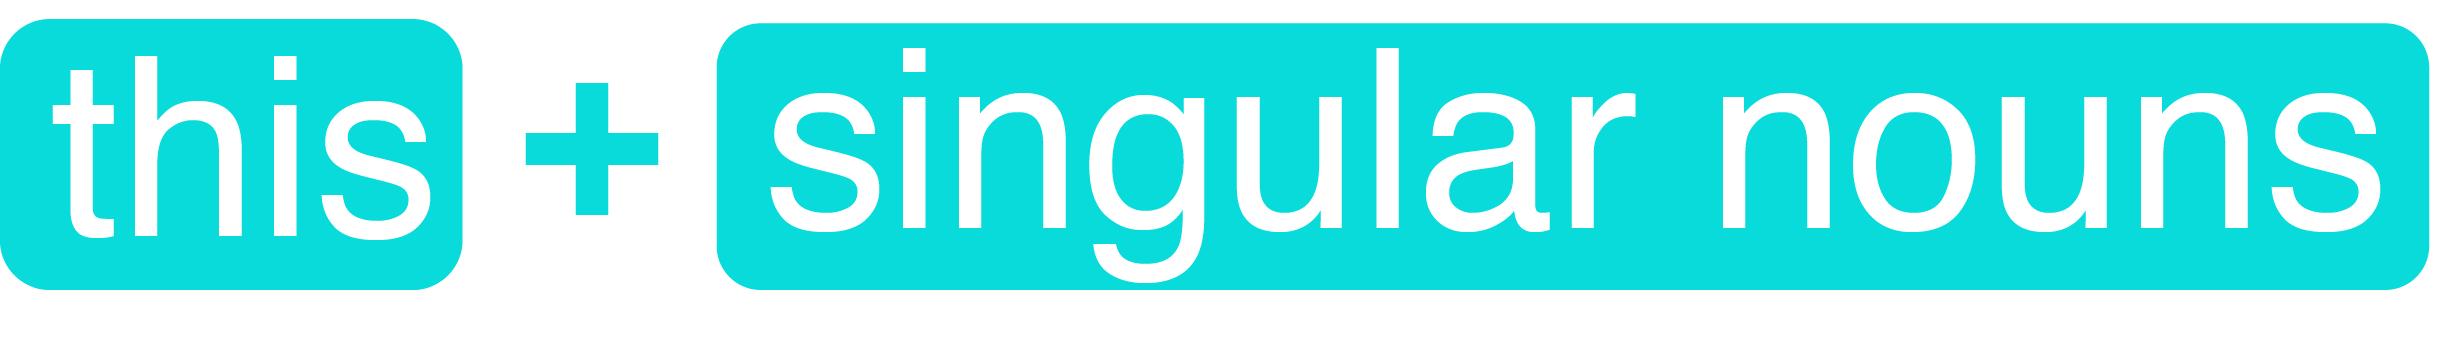 this singular